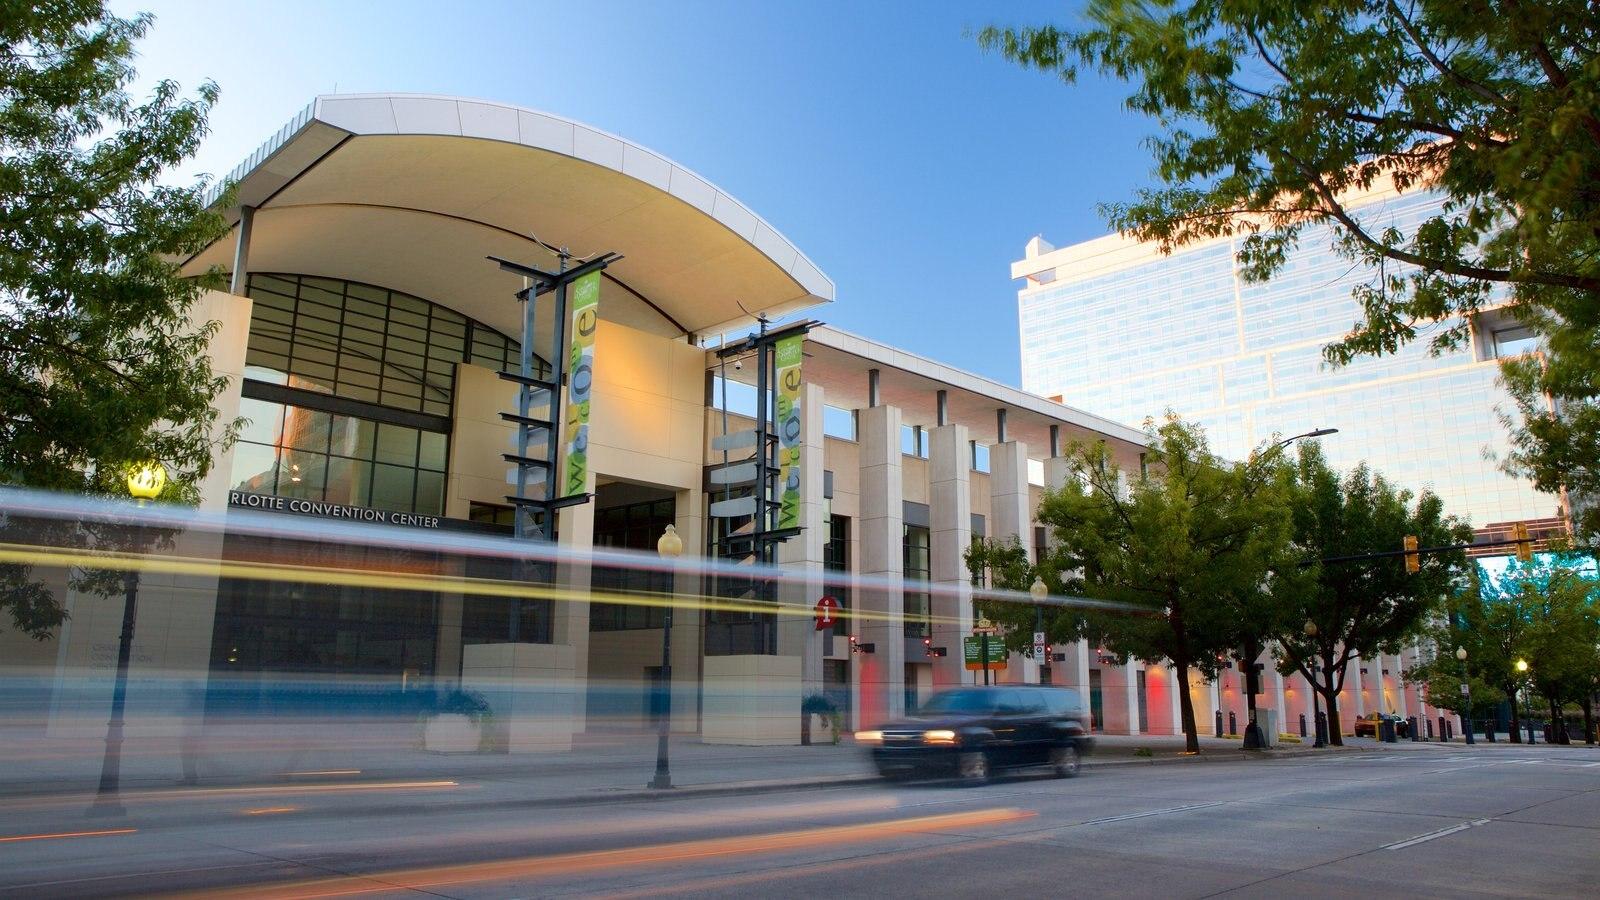 Charlotte Convention Center que inclui arquitetura moderna